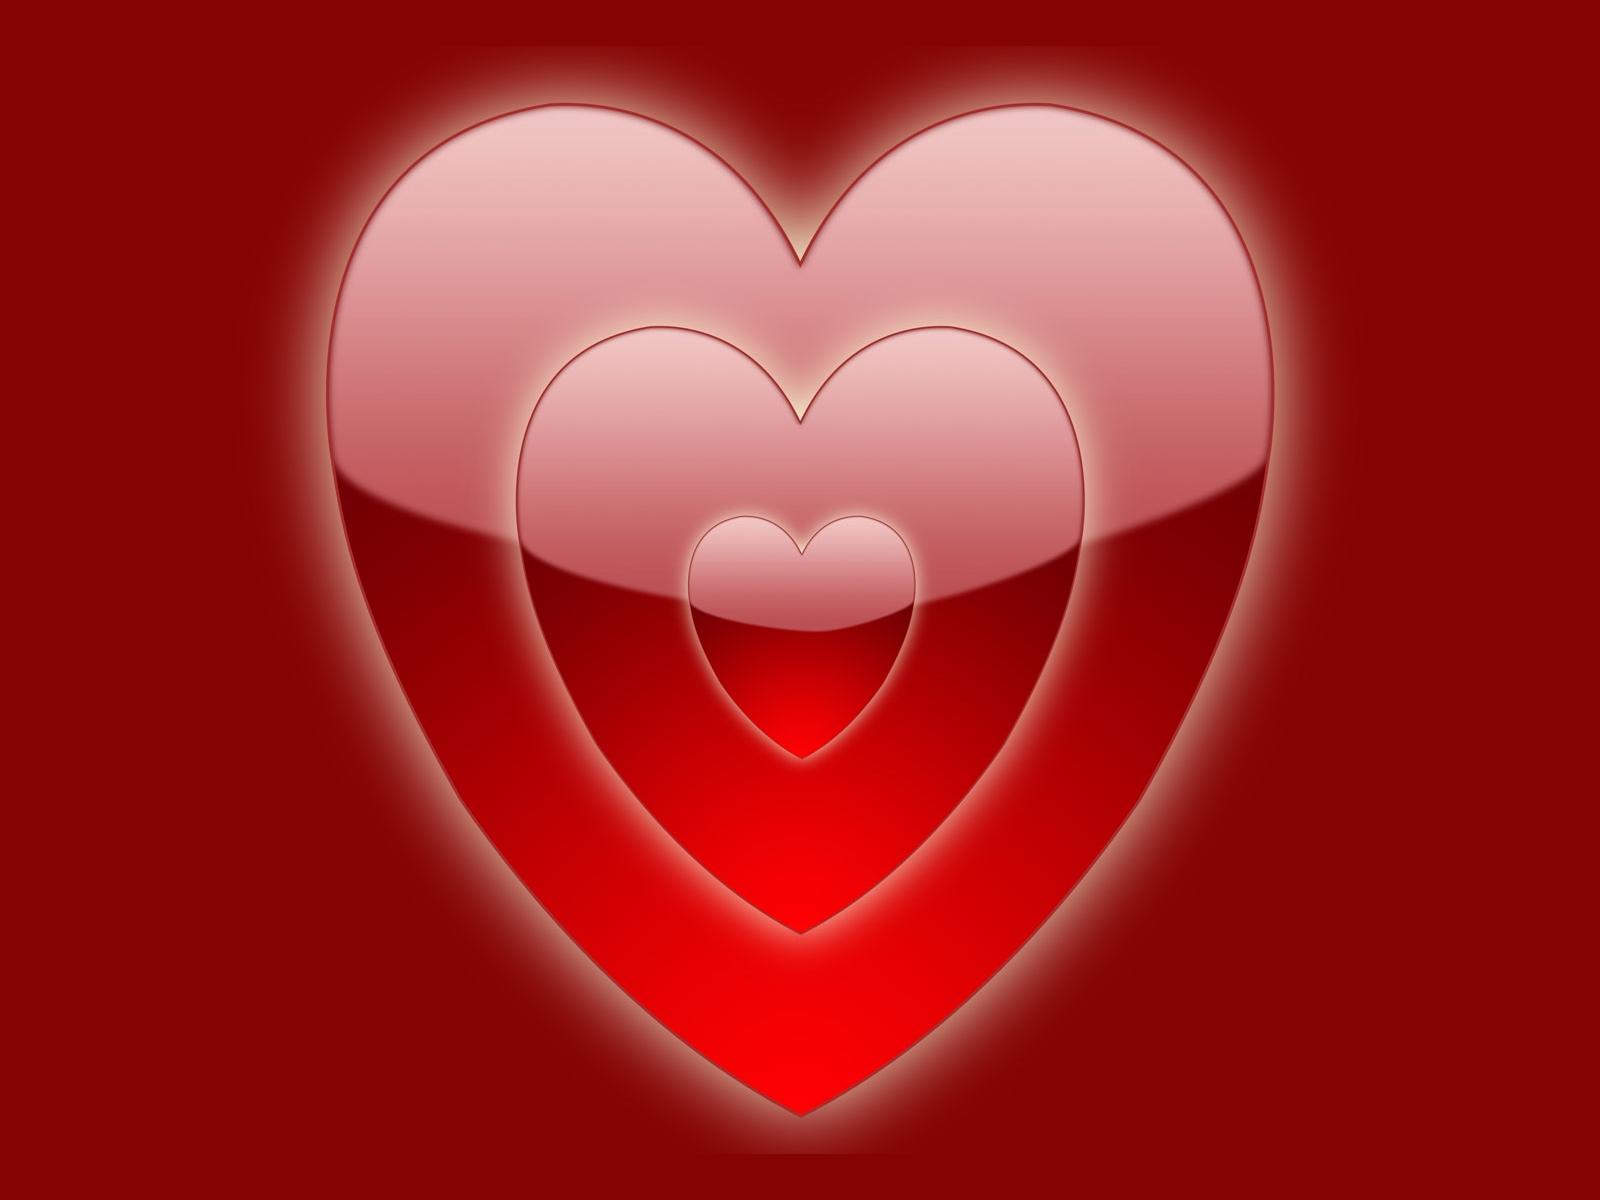 снасти картинки сердечек для статуса один самых